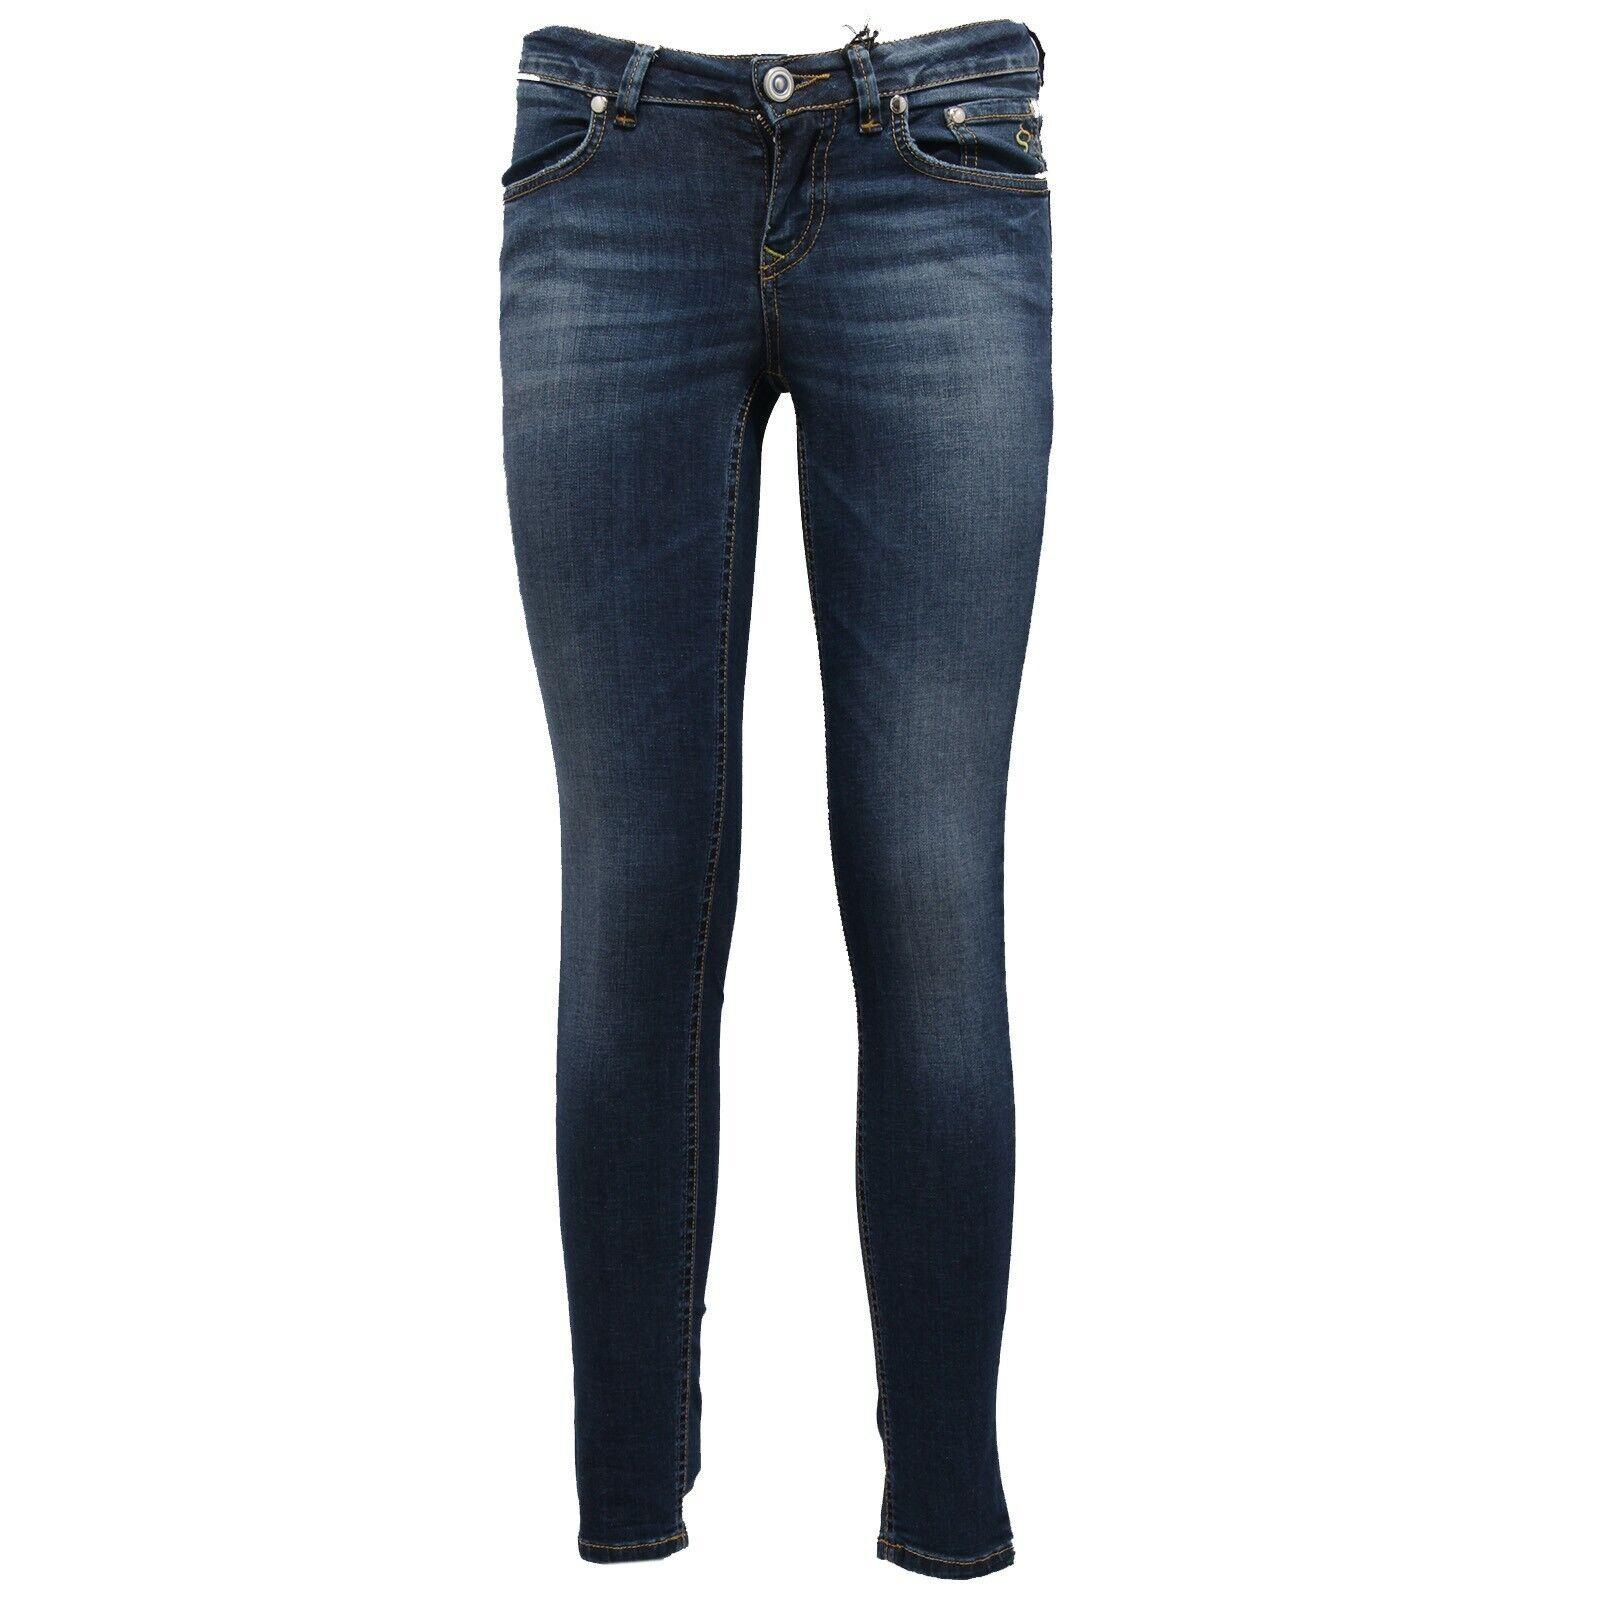 2869Z Jeans  mujer Siviglia 599 Skinny Fit Pantalones Azul Vintage Mujer  barato